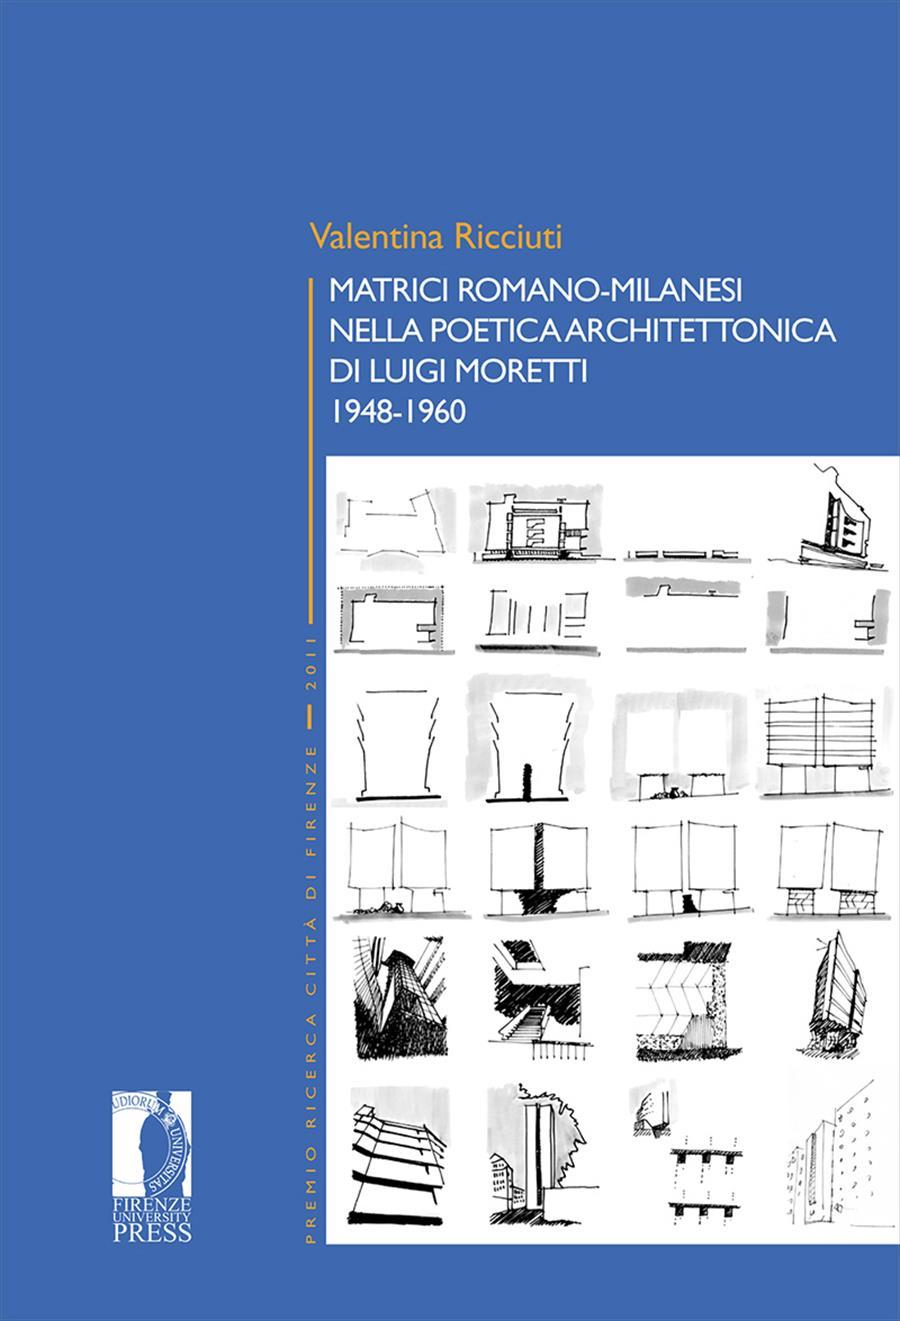 Matrici romano-milanesi nella poetica architettonica di Luigi Moretti. 1948-1960